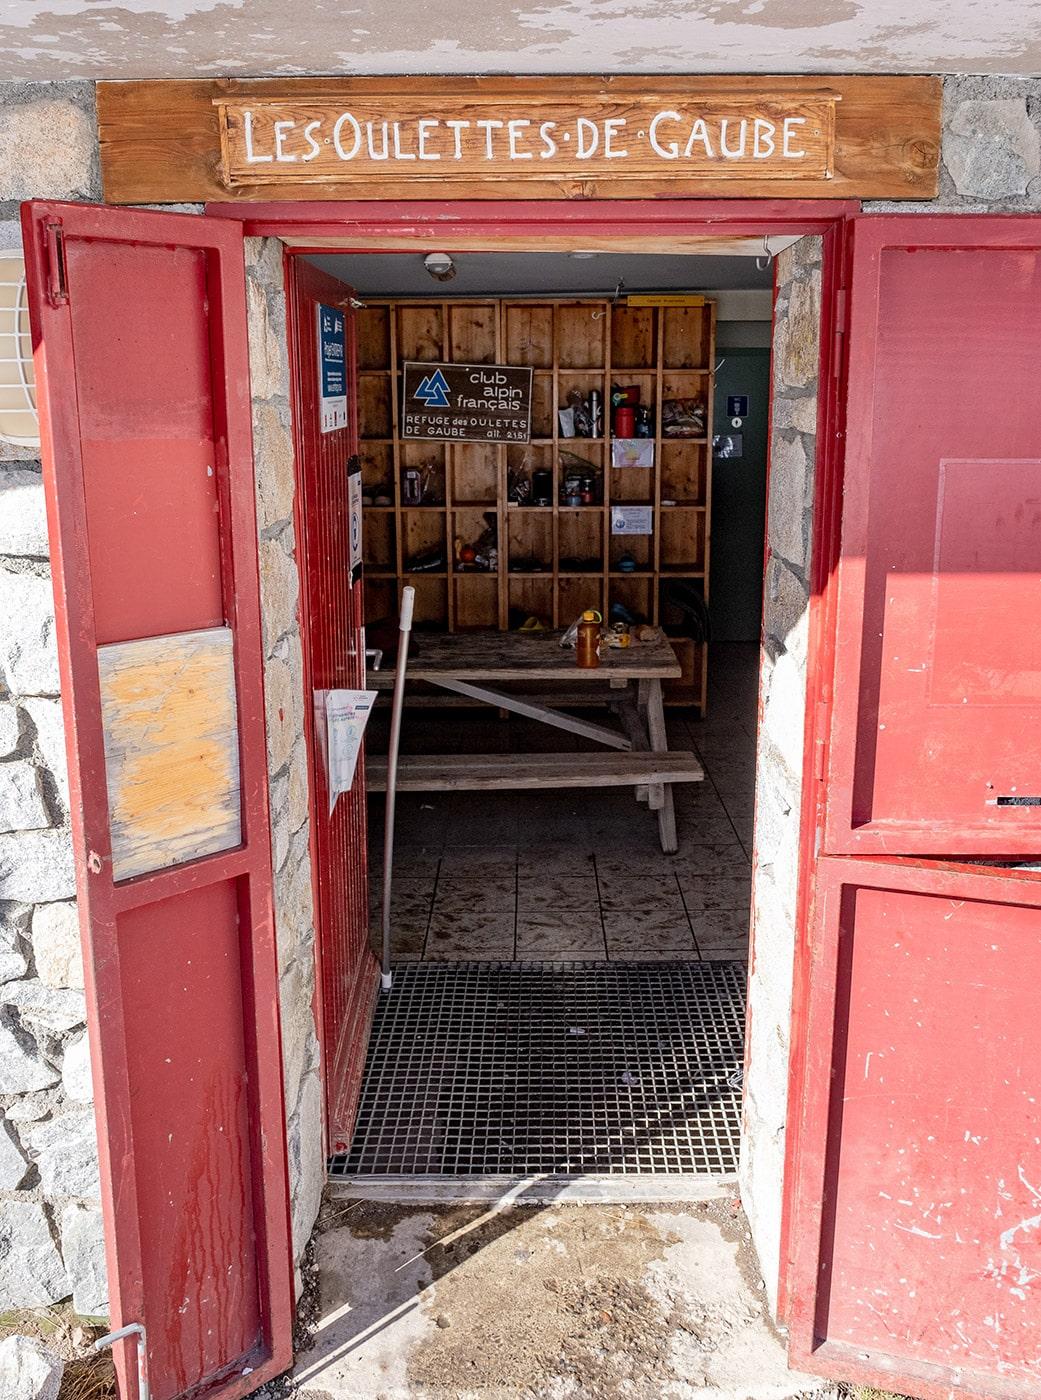 Refuge des Oulettes de Gaube dans les Pyrénées